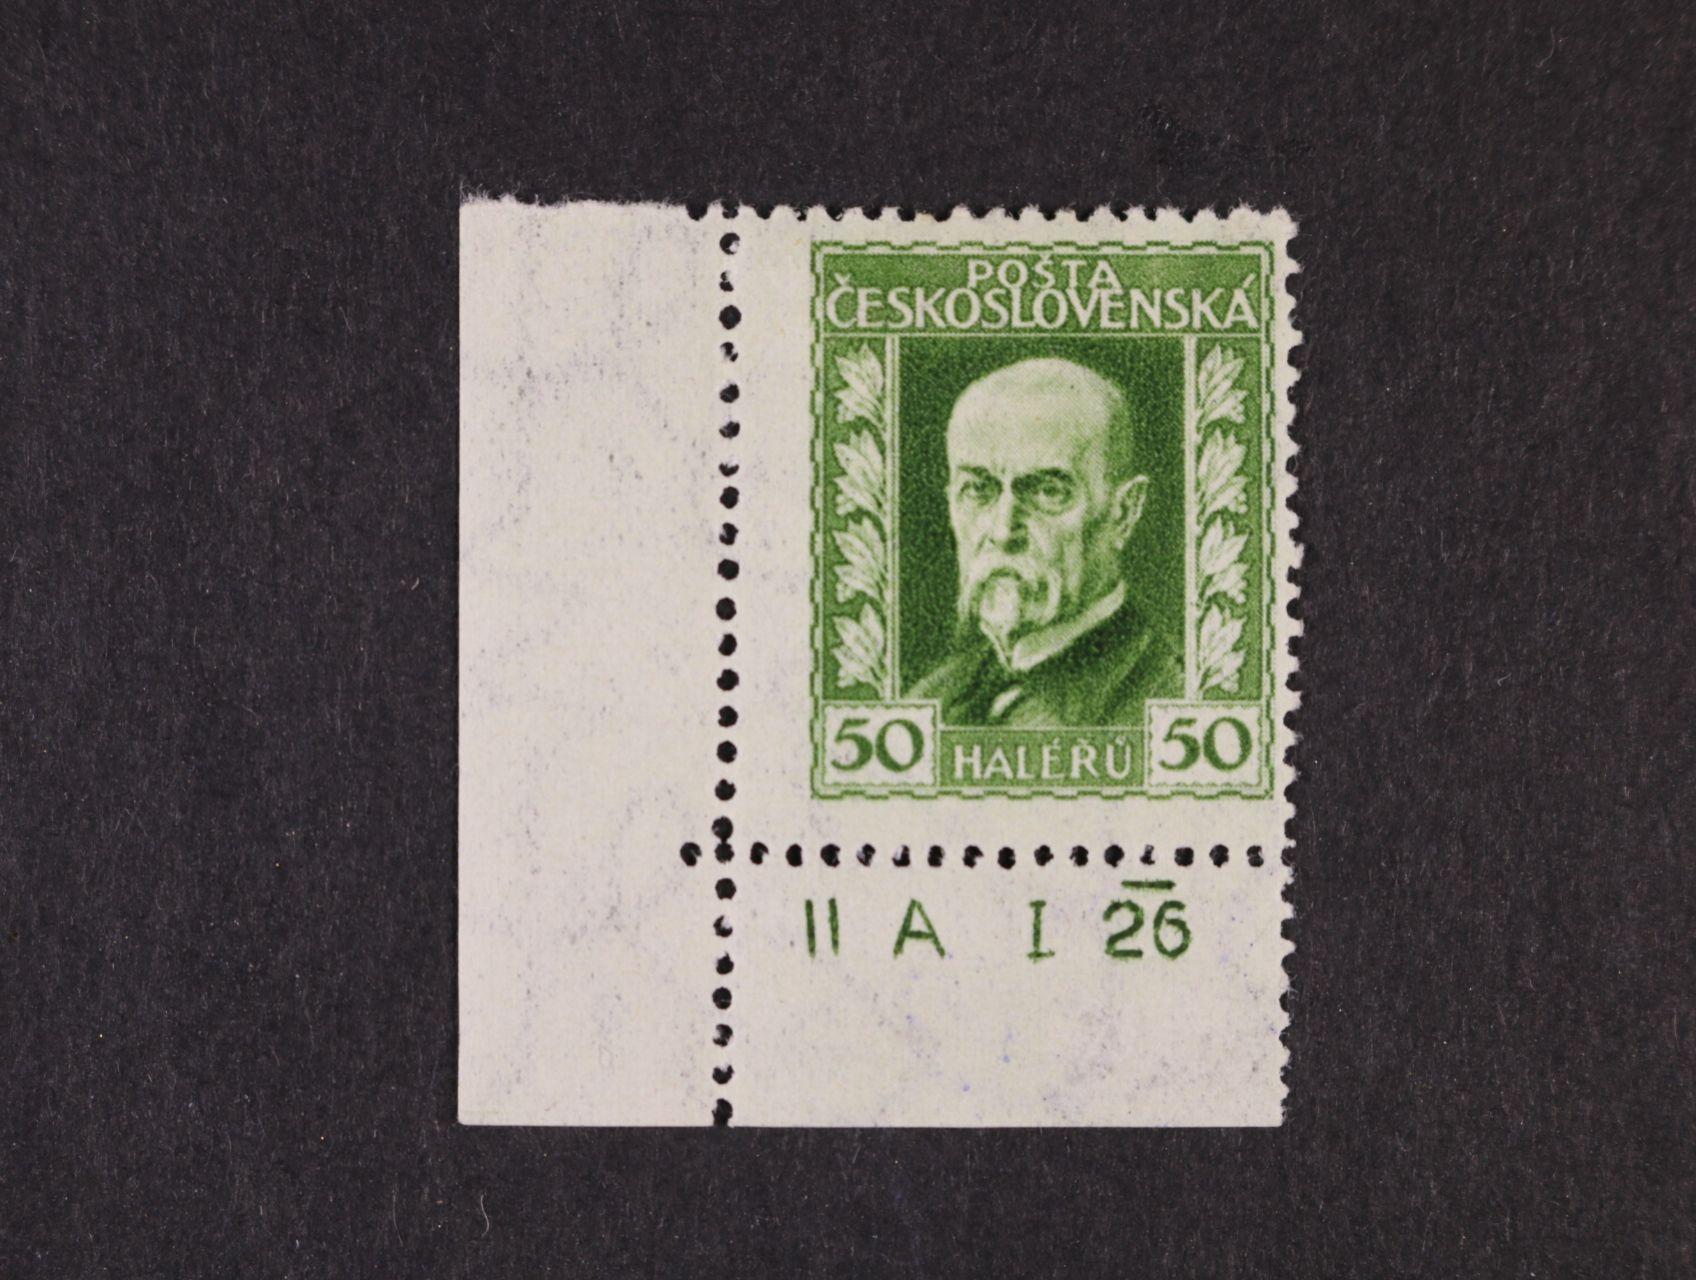 zn. č. 188 A, pr. 2 - levý spodní roh. kus s DZ II A  I 26